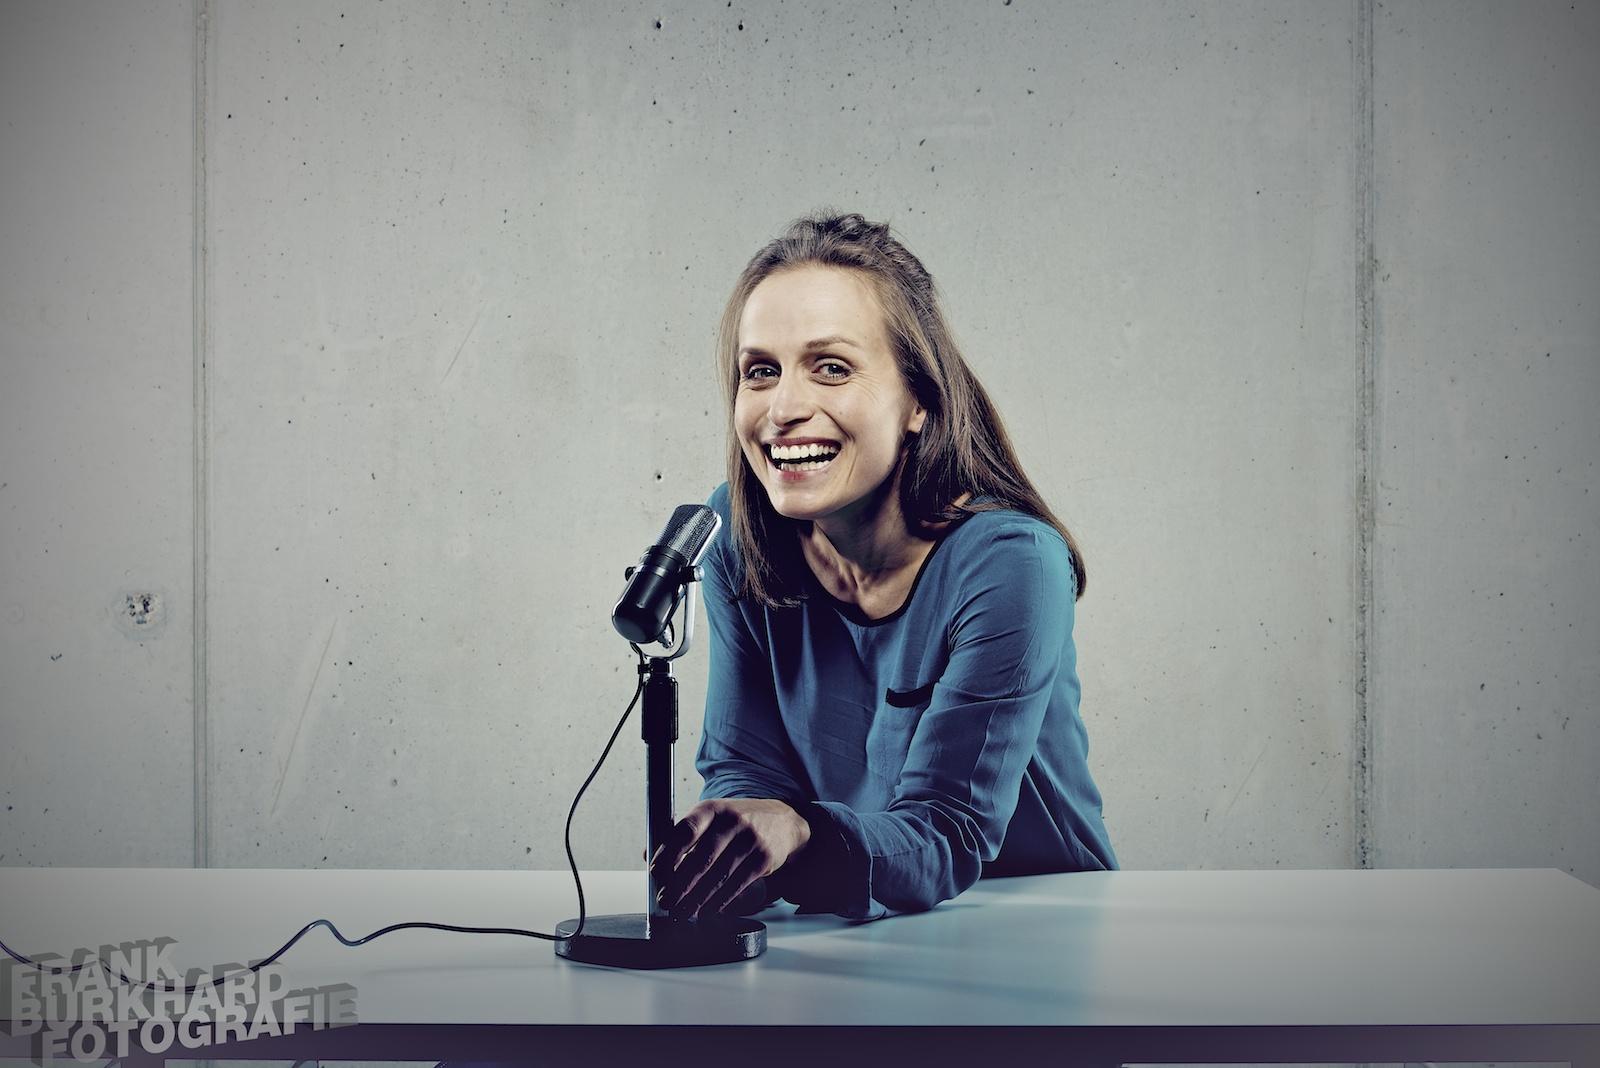 Podcast Le Micro : Audible veut proposer 100 000 livres audio en Français d'ici 2025